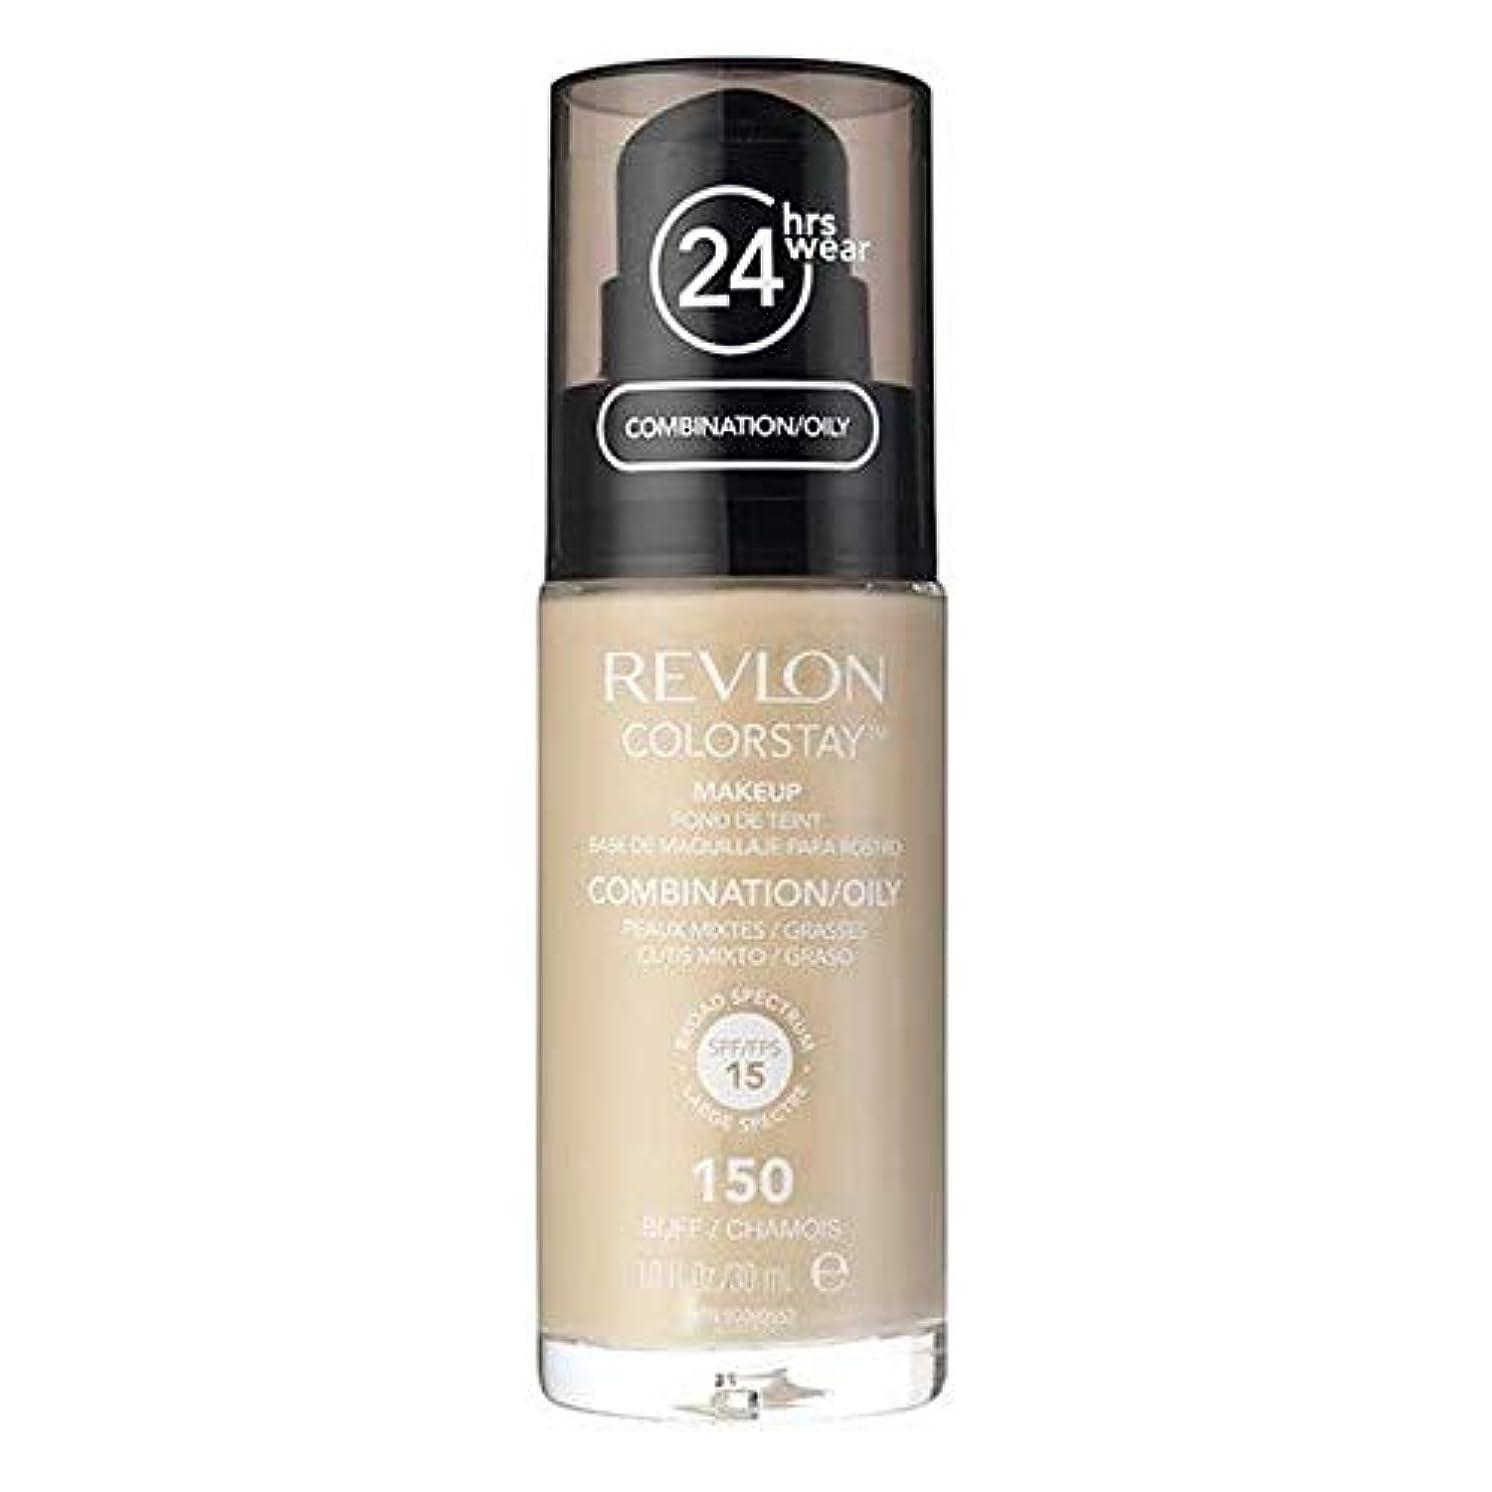 ボトルネック店主不完全な[Revlon ] レブロンカラーステイ基盤コンビ/油性バフ30ミリリットル - Revlon Color Stay Foundation Combi/Oily Buff 30ml [並行輸入品]